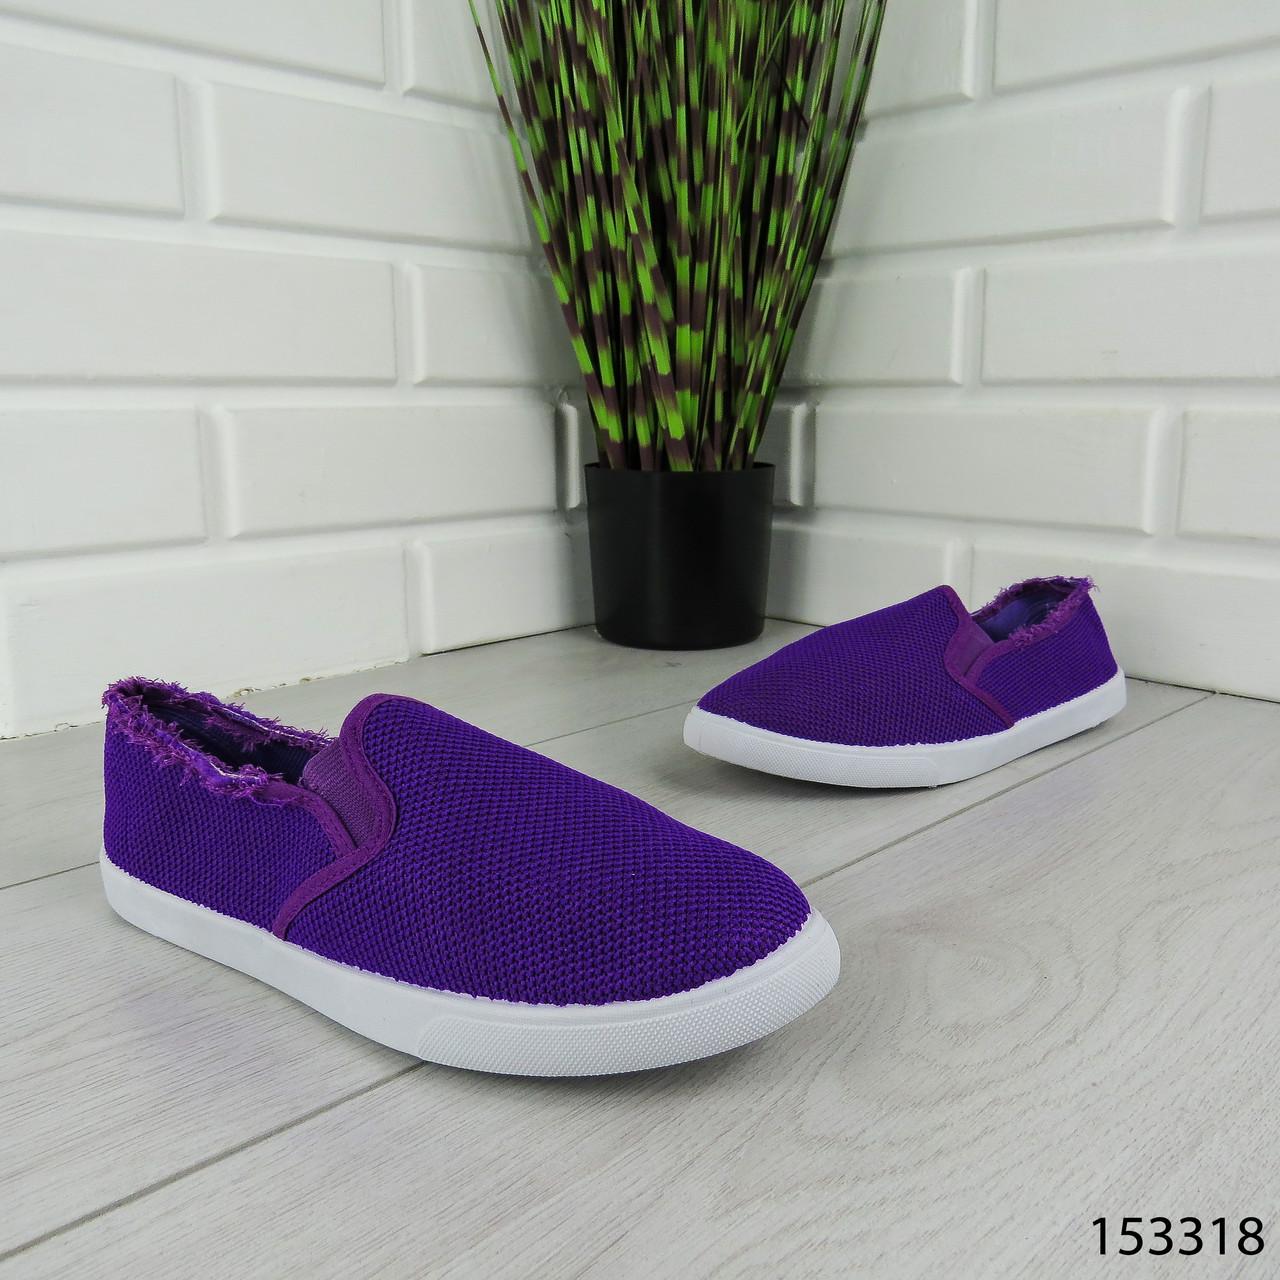 """Мокасины женские, пурпурные """"Dally"""" текстильные, кроссовки женские, кеды женские, повседневная обувь"""